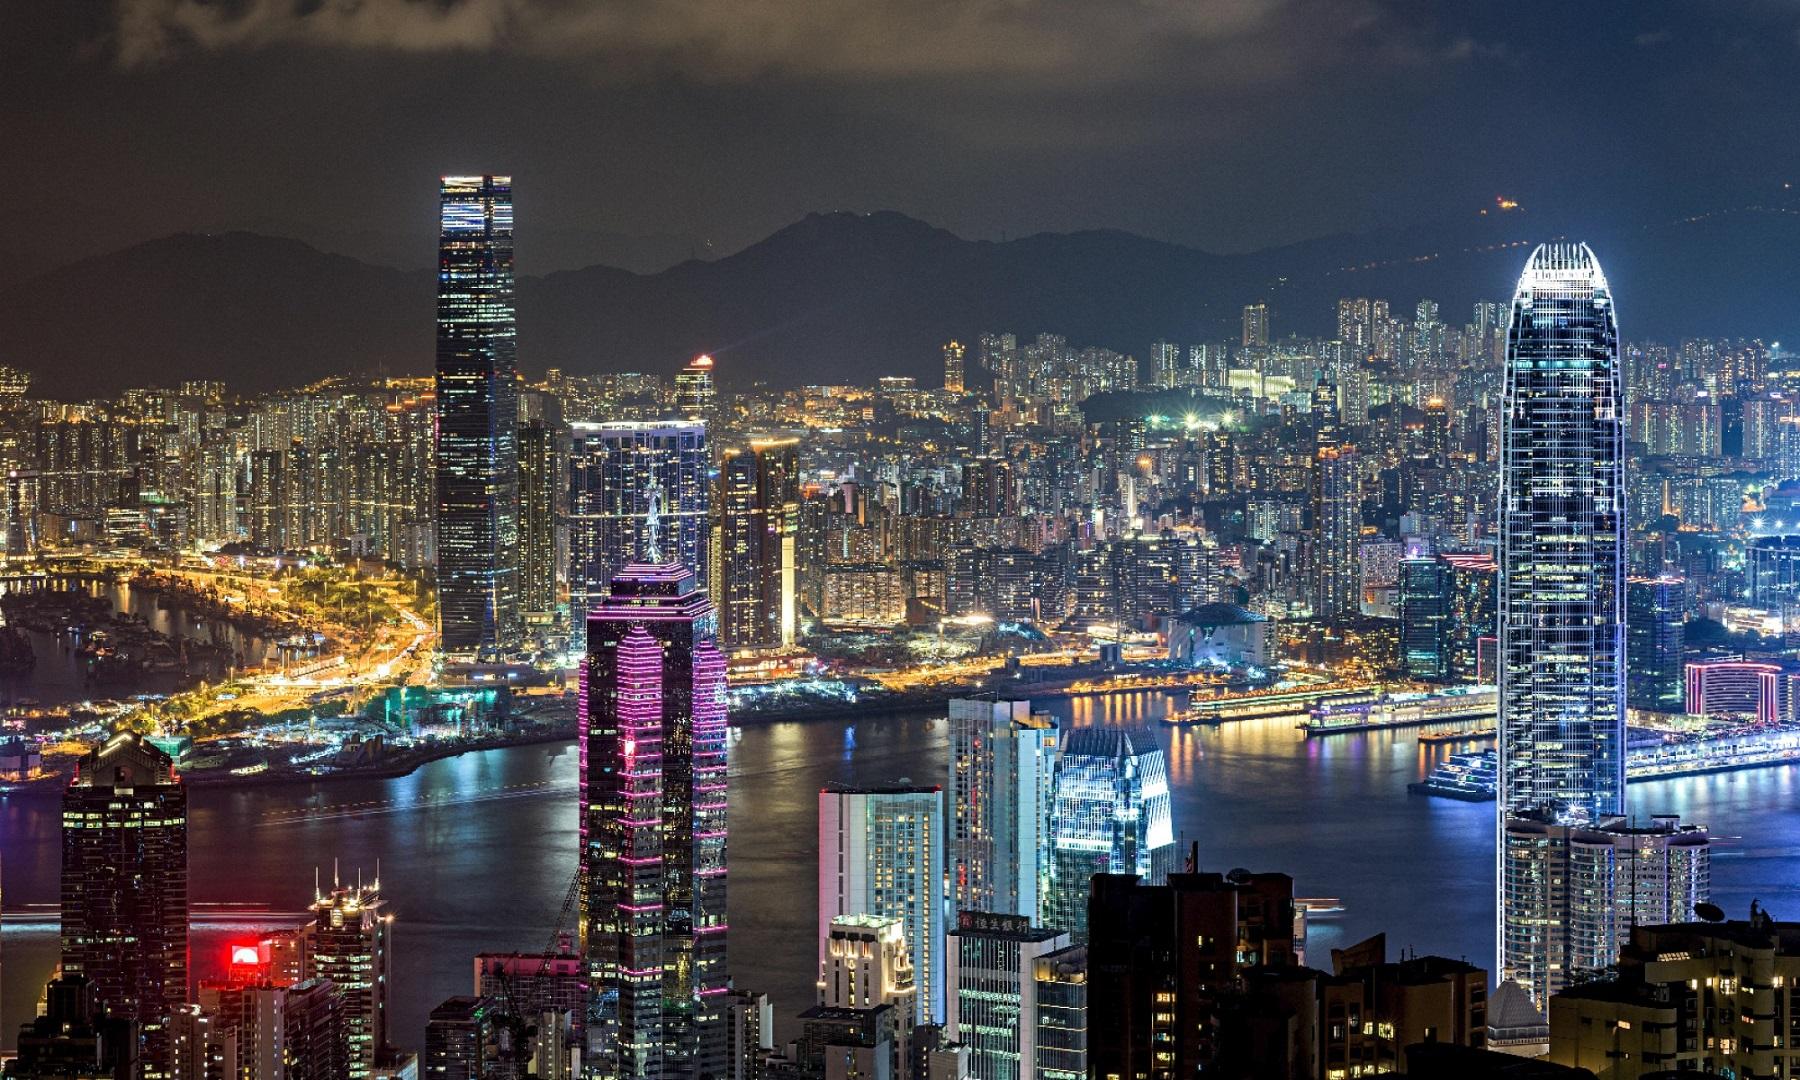 Fibra LTD. Hong Kong